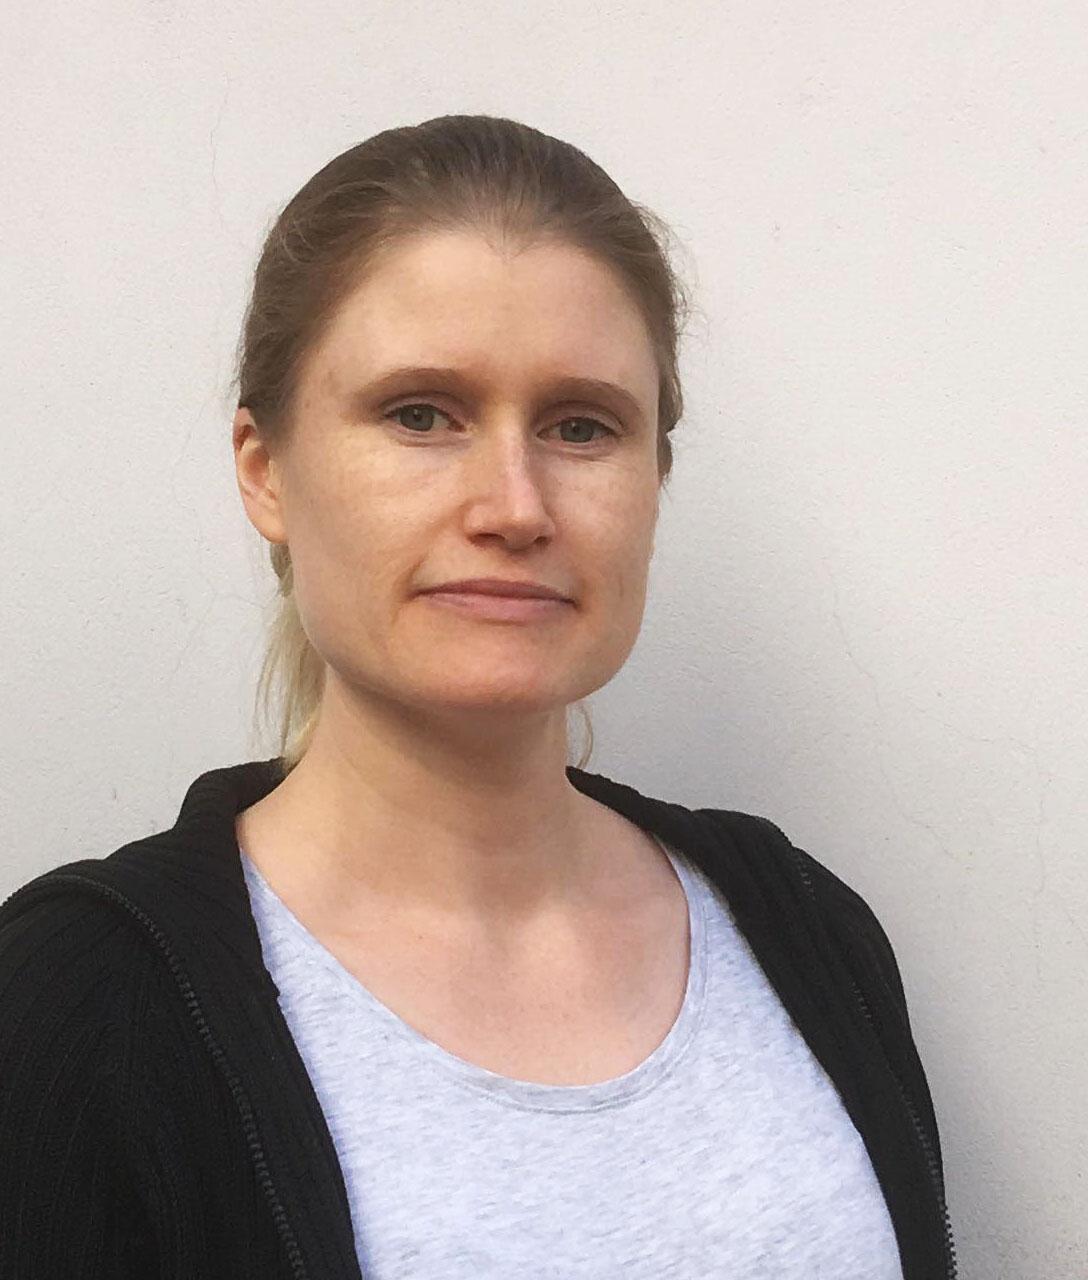 Mirkka Danielsbacka